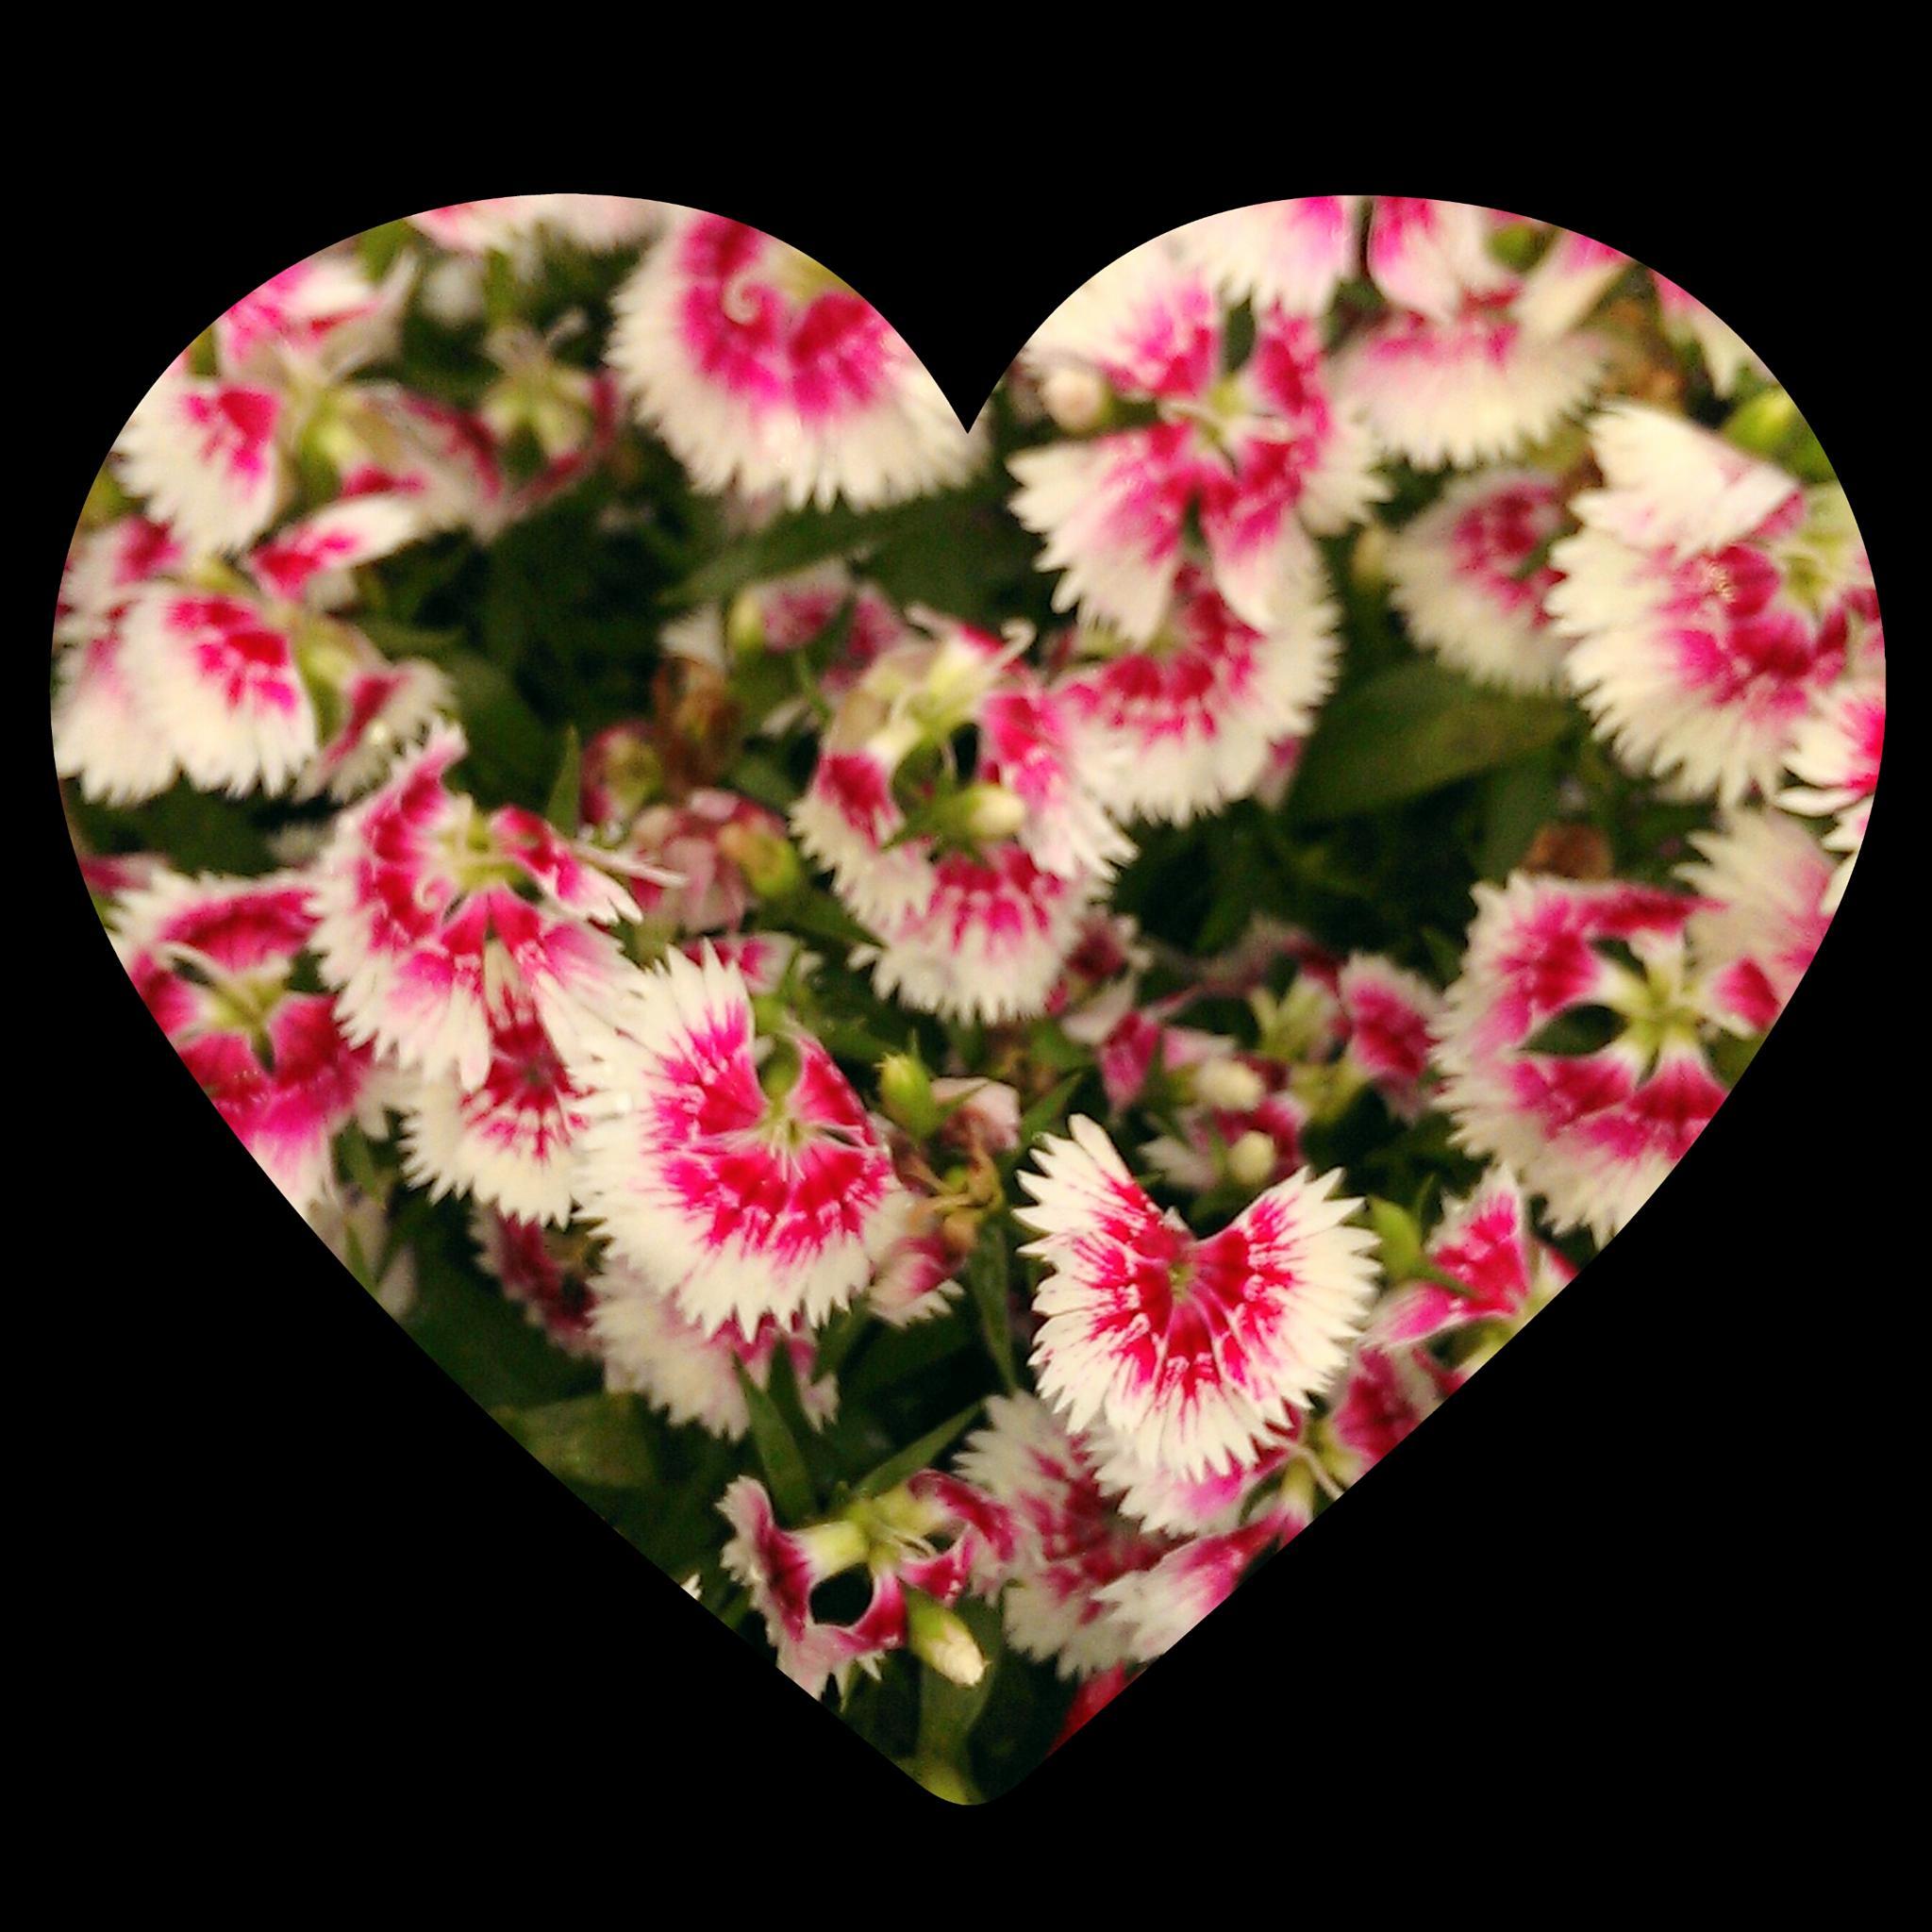 pretty flowers in heart frame  by tramilo